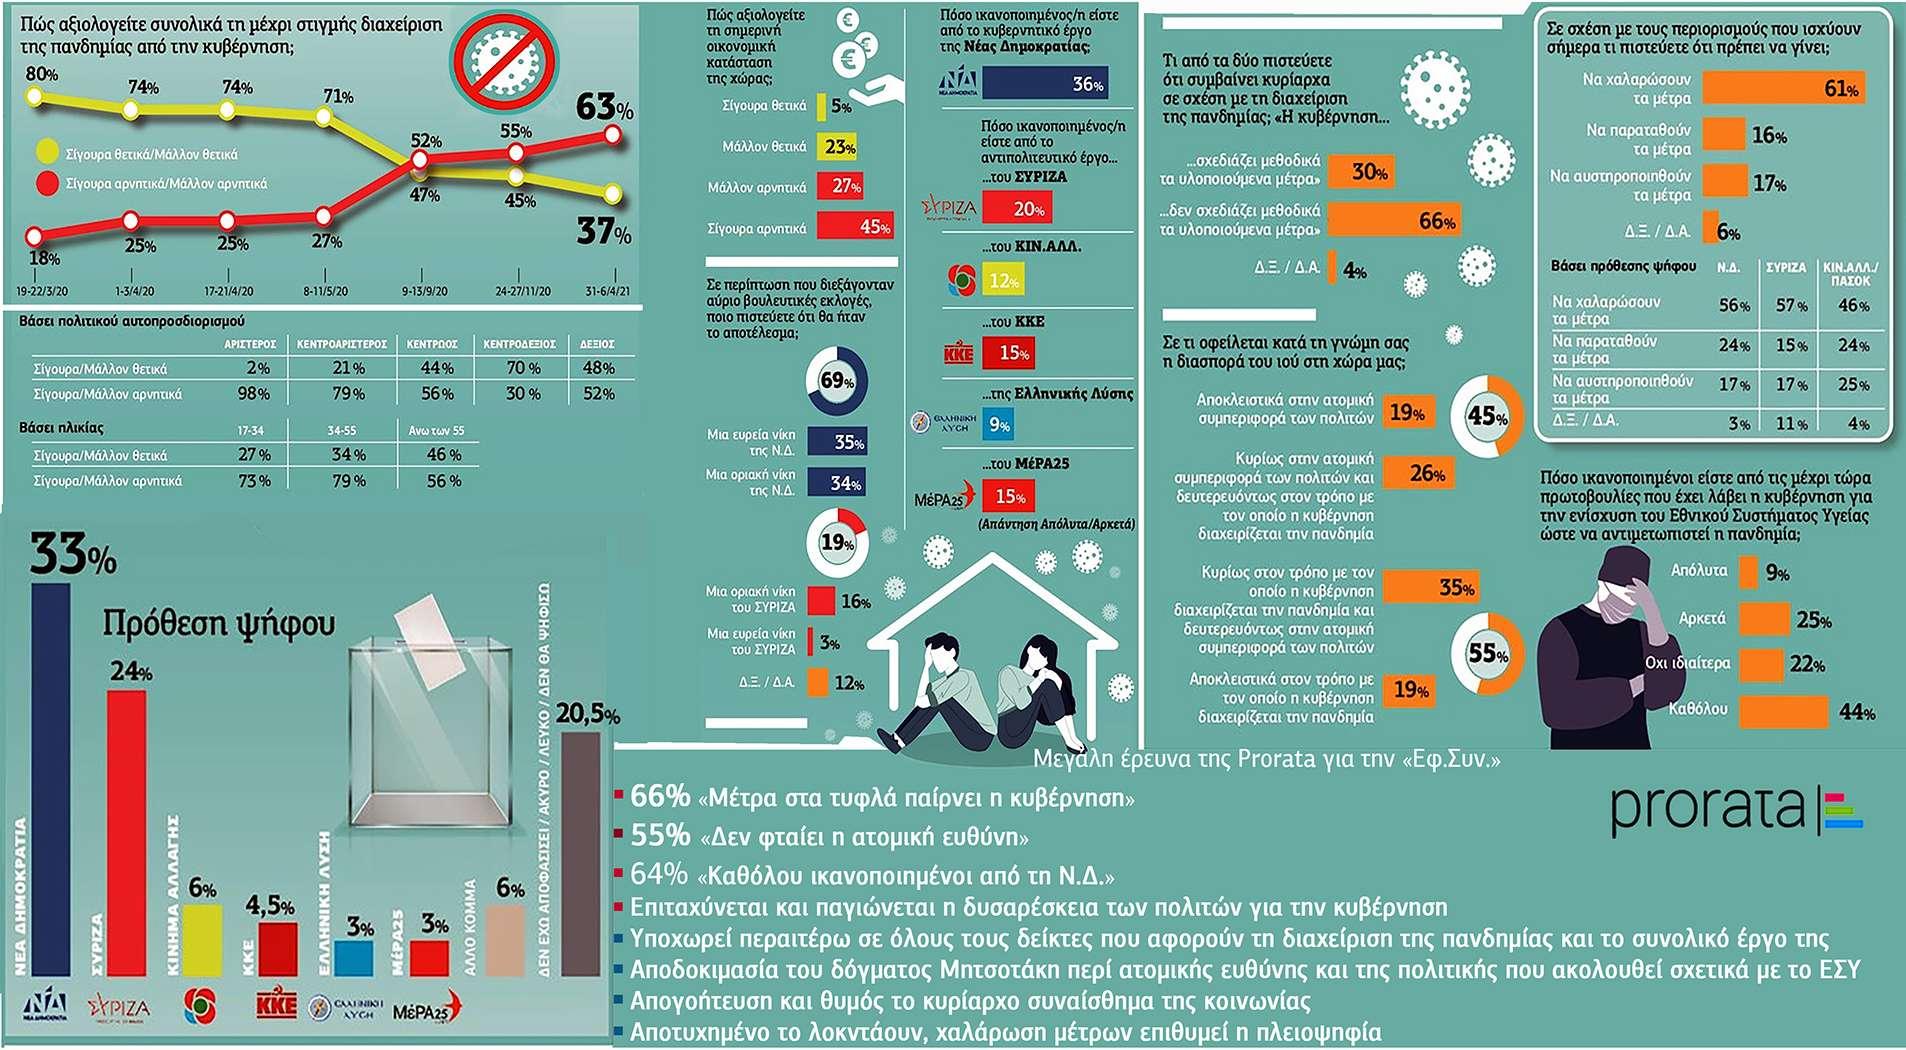 Δημοσκόπηση Prorata: Προβάδισμα 9% της ΝΔ - 78% δυσαρεστημένο από την αντιπολίτευση του ΣΥΡΙΖΑ